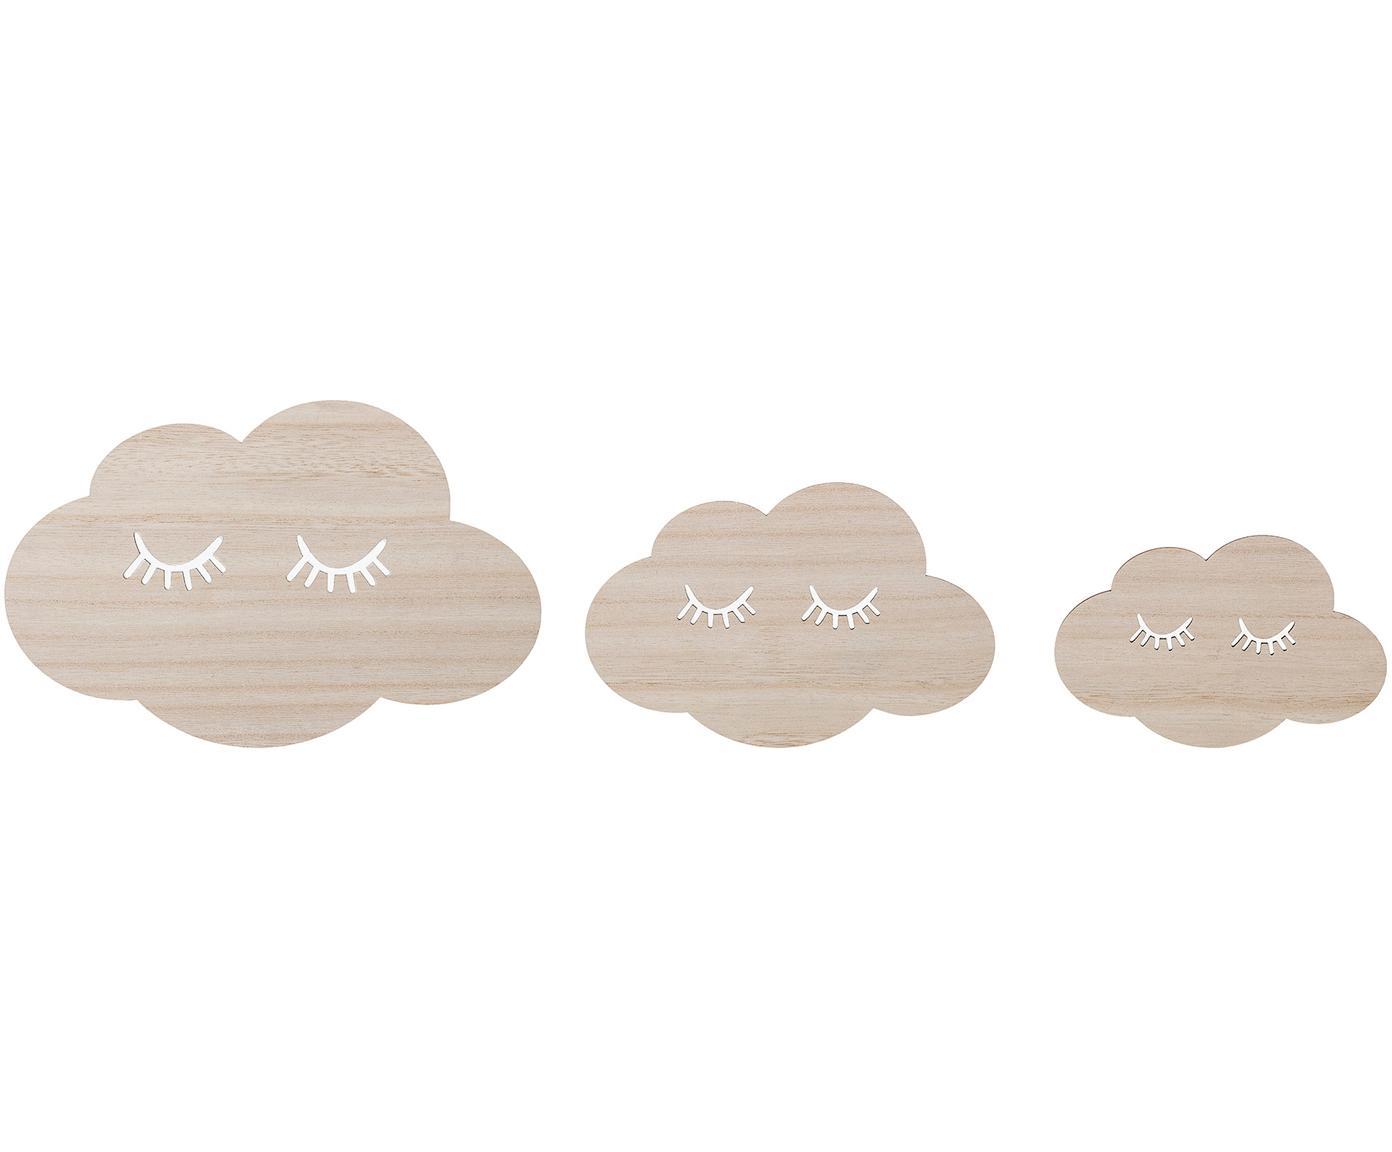 Komplet dekoracji ściennych Clouds, 3 elem., Sklejka, Beżowy, Różne rozmiary